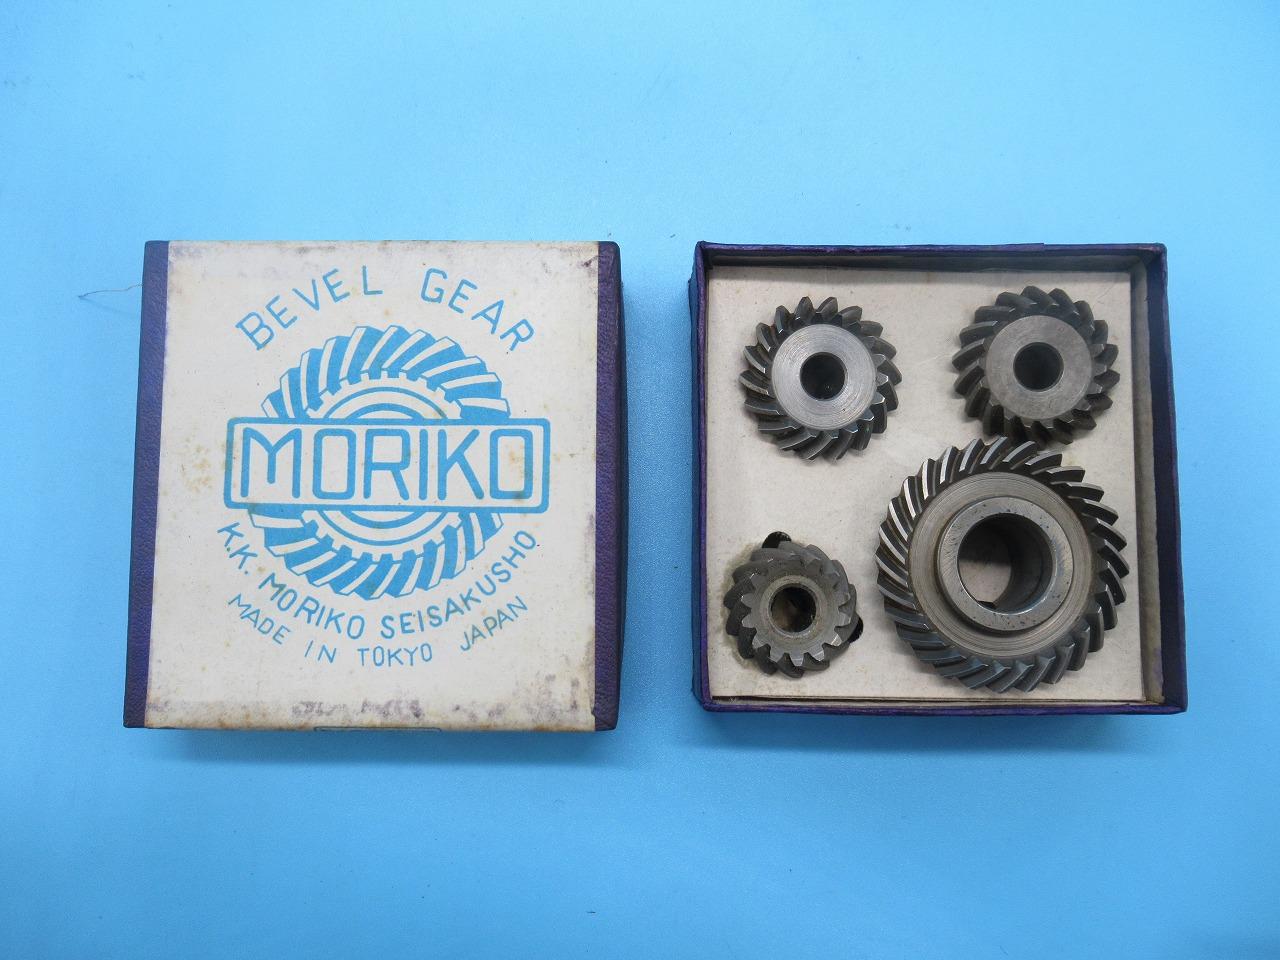 置き古し新品 MORIKO BEVEL 付与 GEAR DA-1 タイプ 毎日がバーゲンセール ベベルギャ